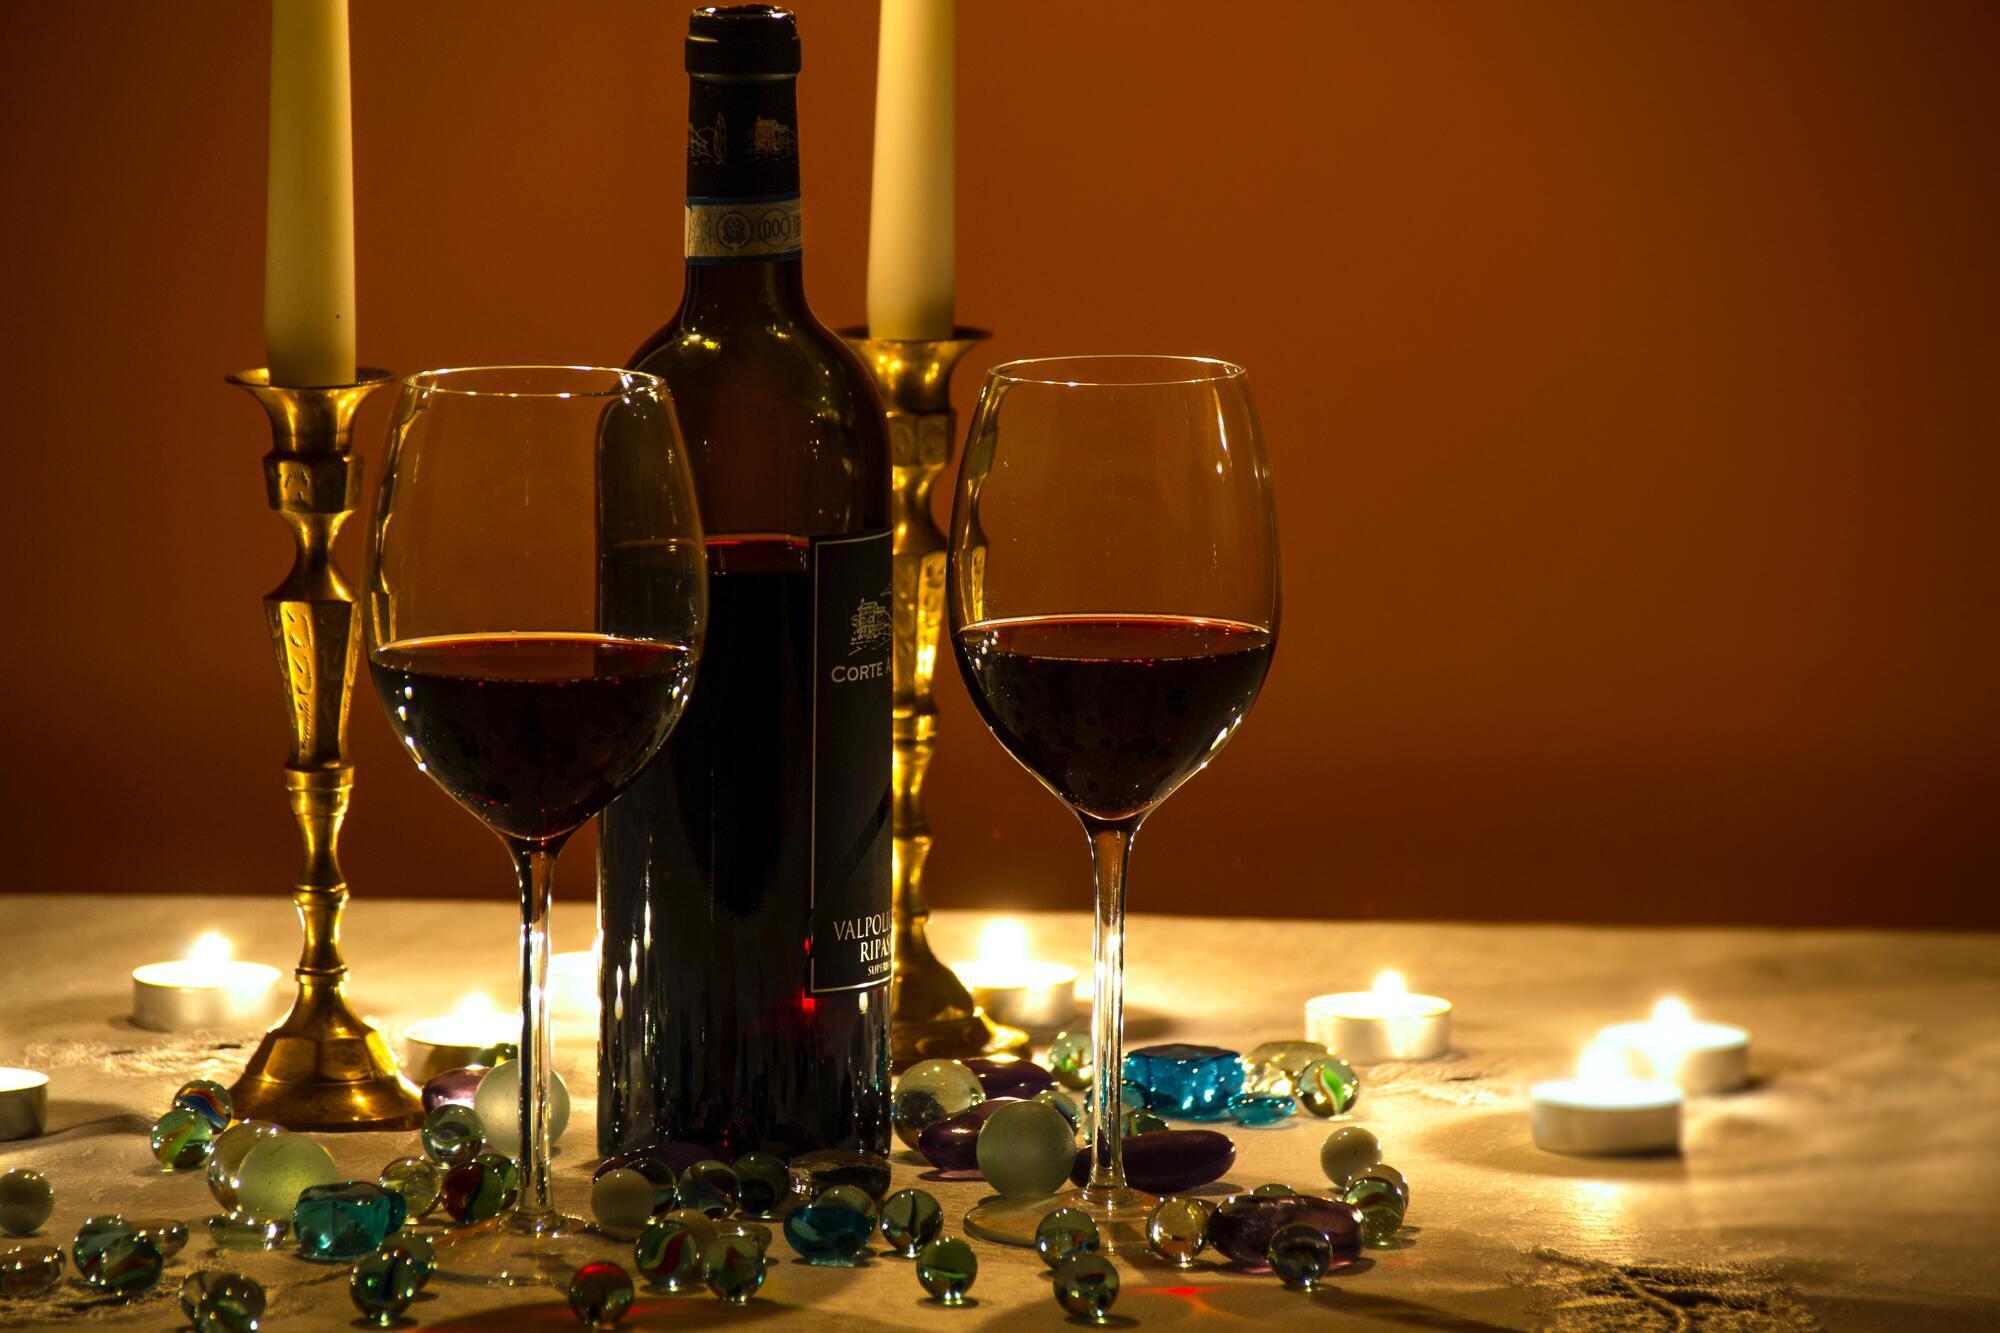 Більш широкий келих дозволяє вину розкрити смак